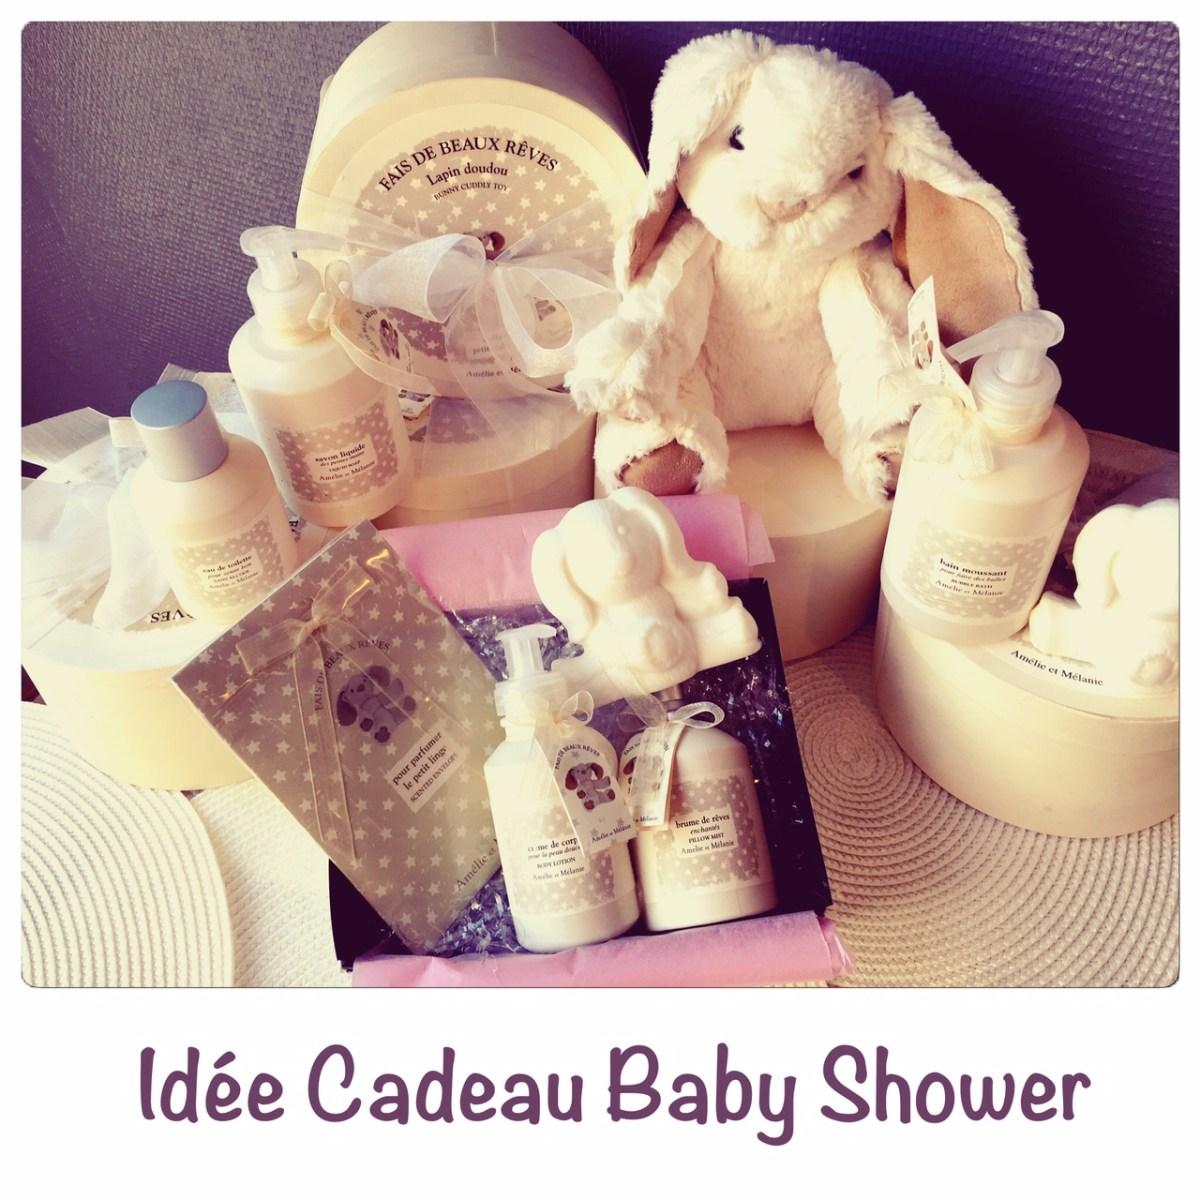 Idée Cadeau Baby Shower baby shower] quel cadeau offrir pour une baby shower